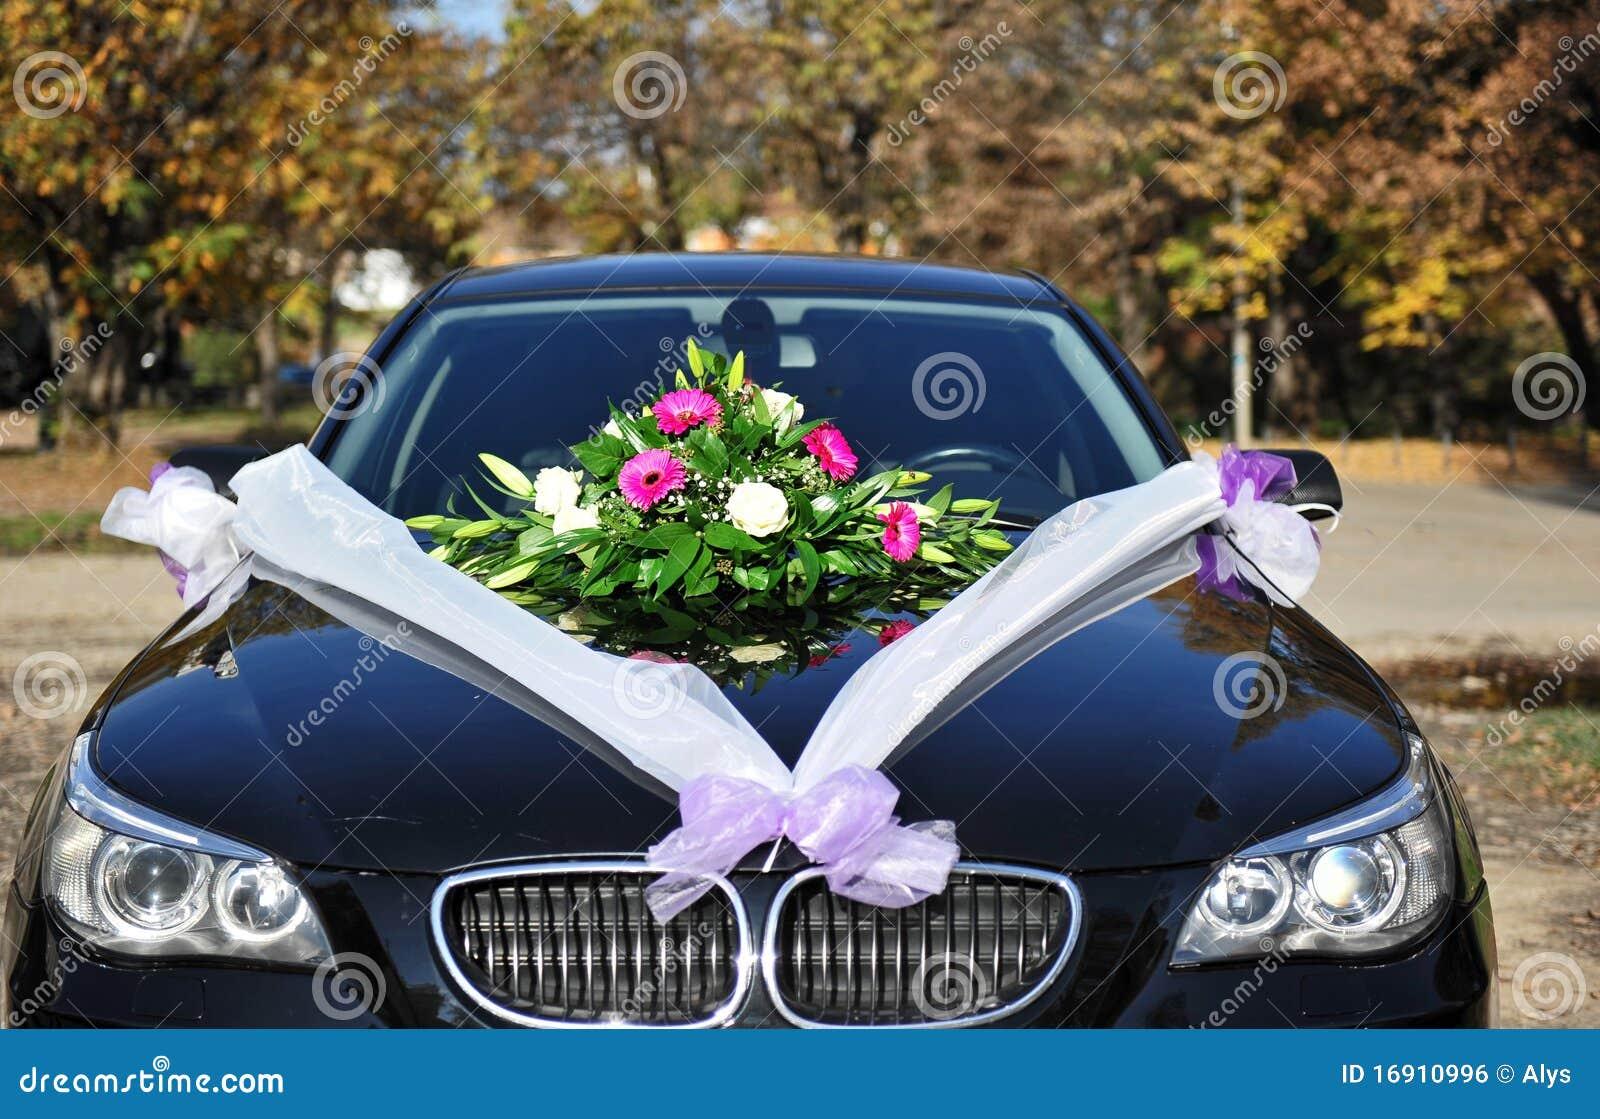 Wedding Flowers Car on Z Car Symbol